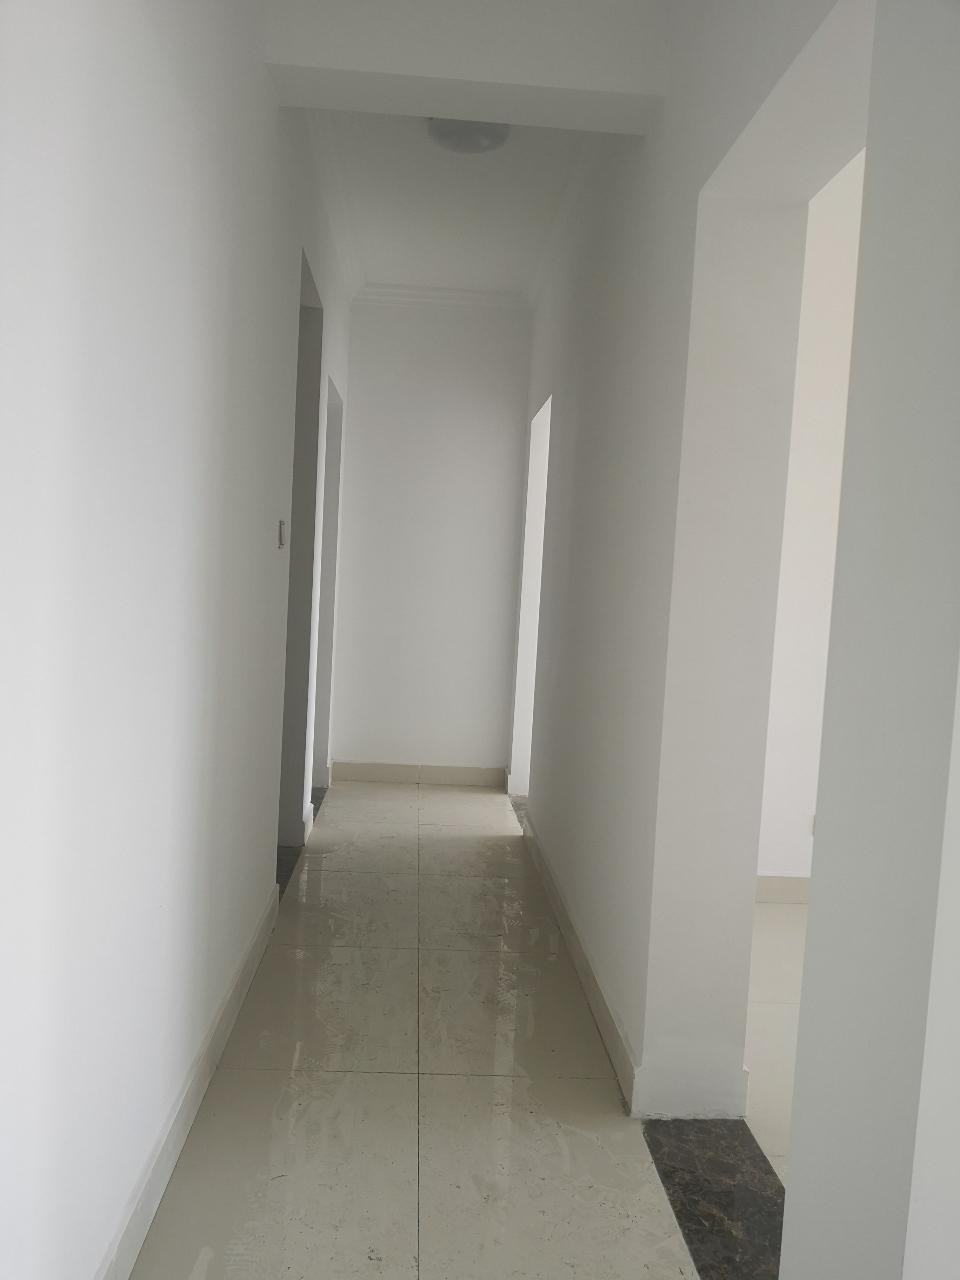 大海·丽苑3室 2厅 1卫73万元精装三室带储藏室